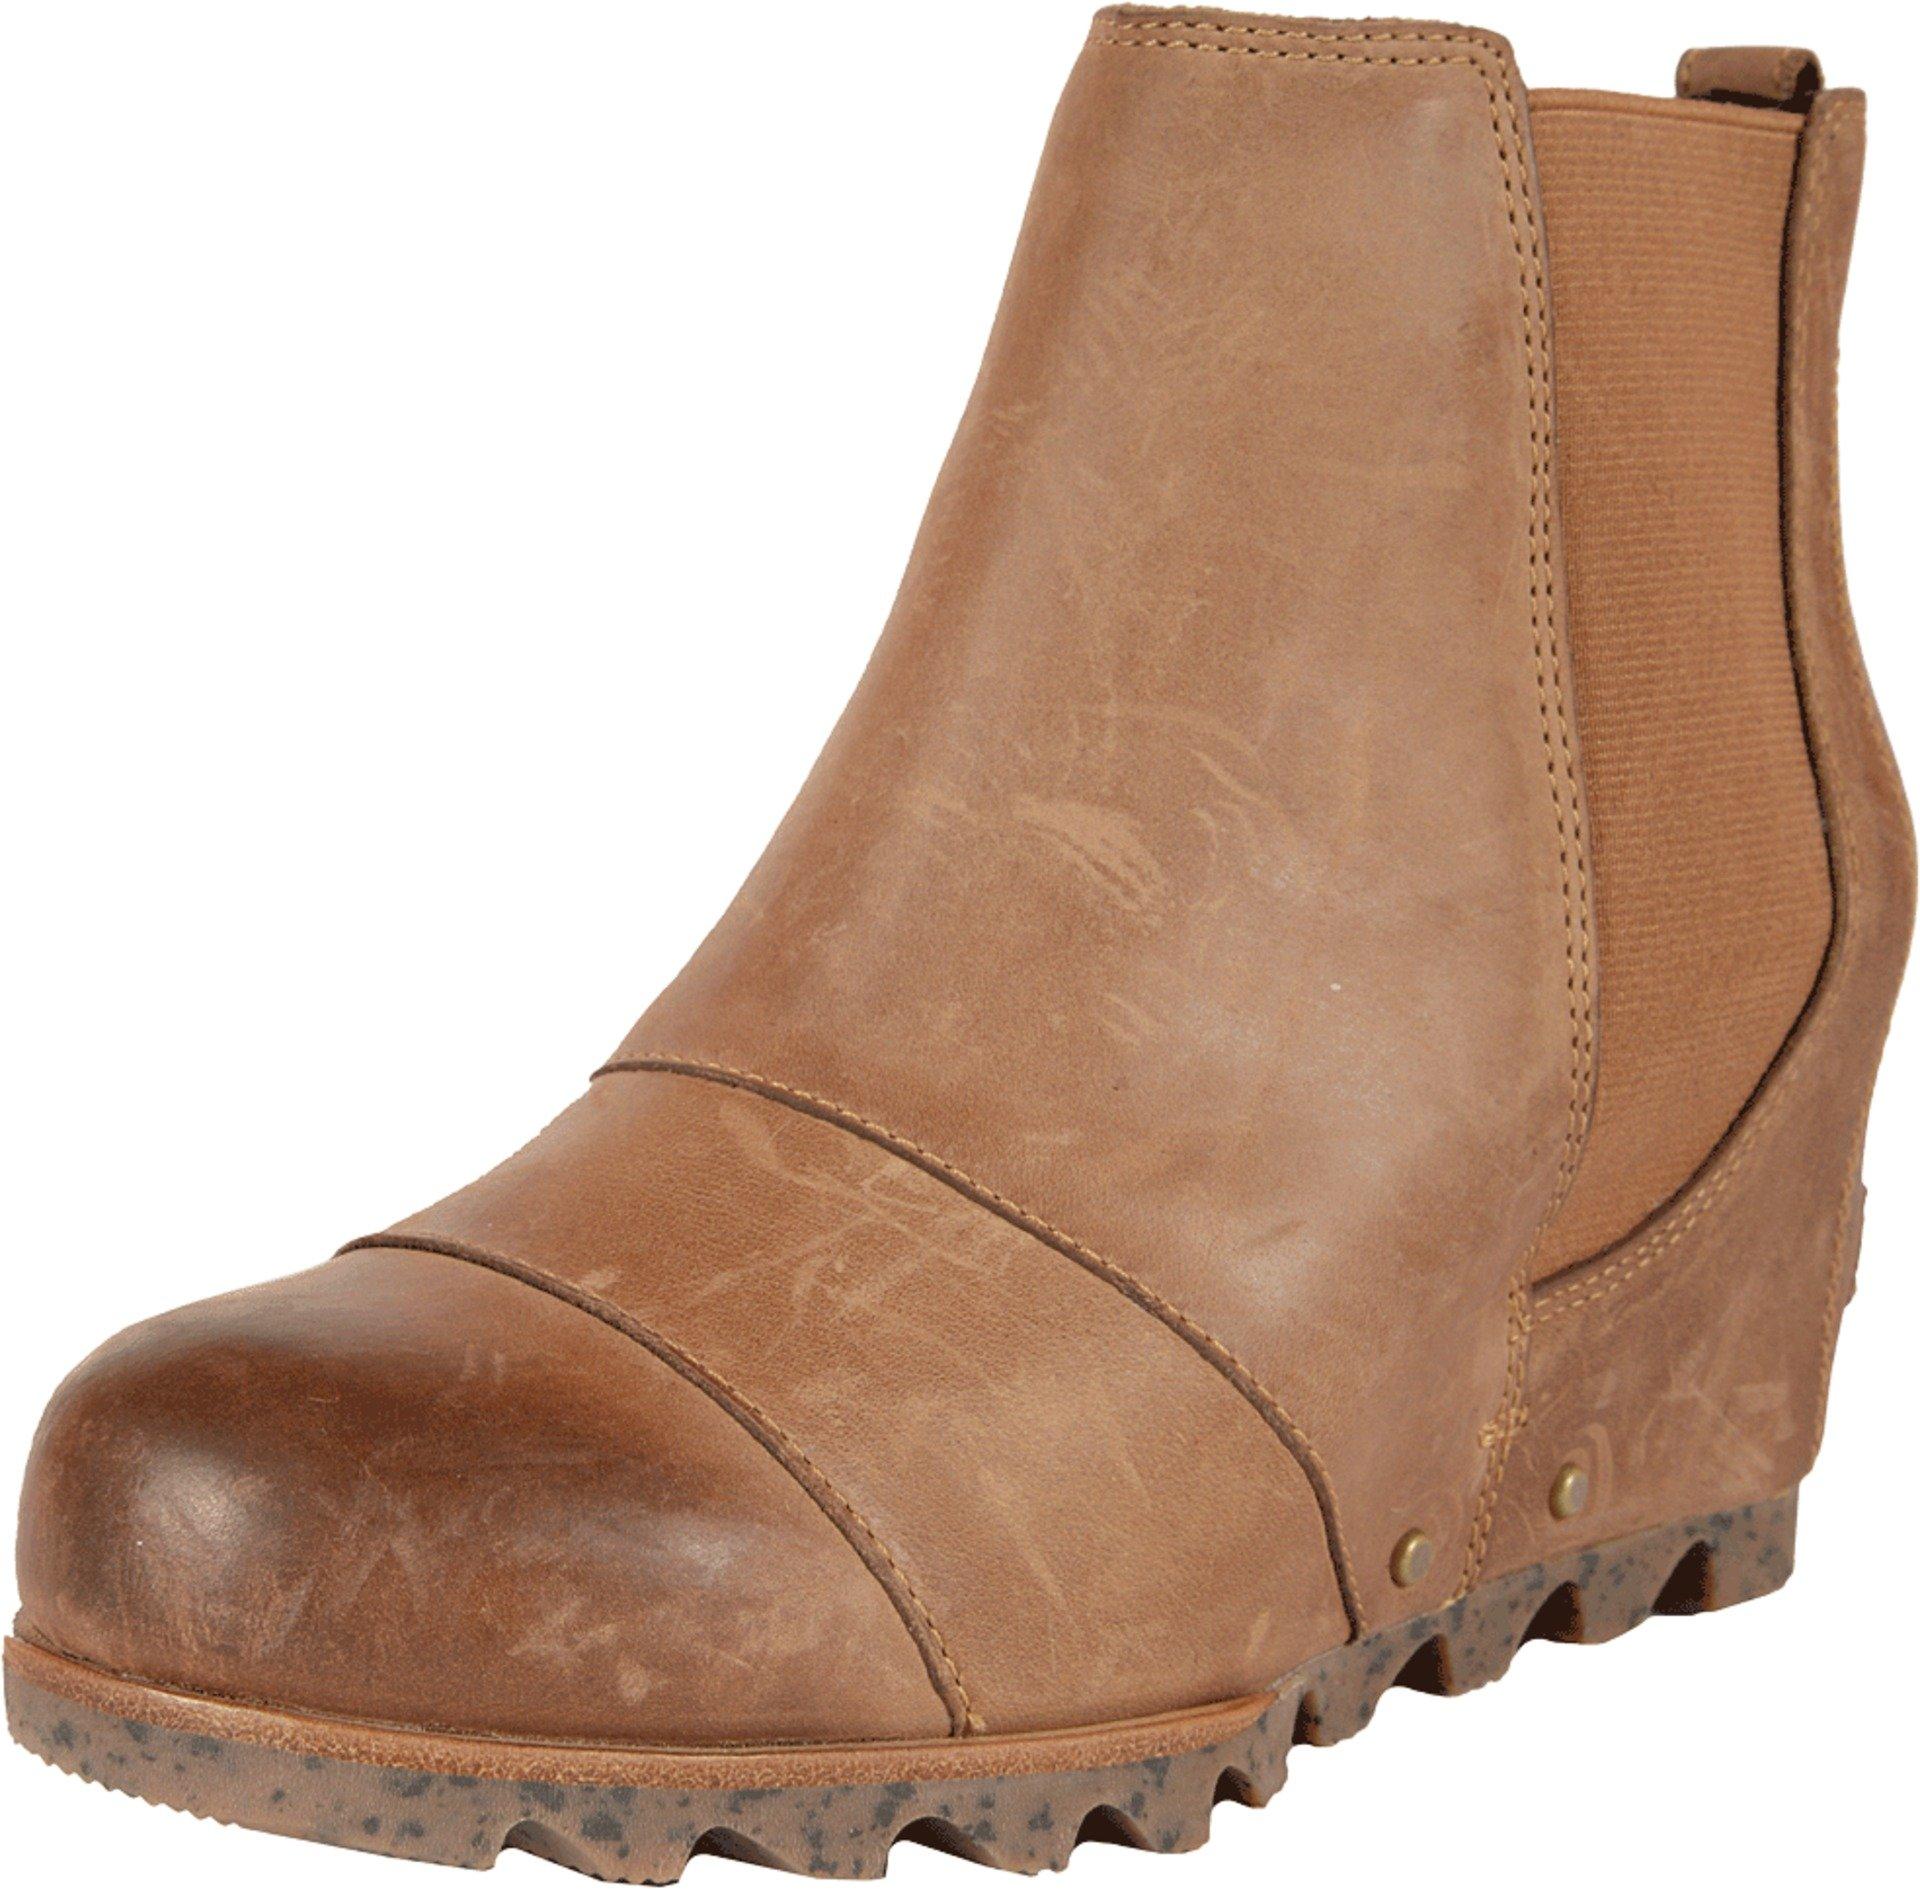 Sorel Women's Lea Wedge Booties, Elk, 8 B(M) US